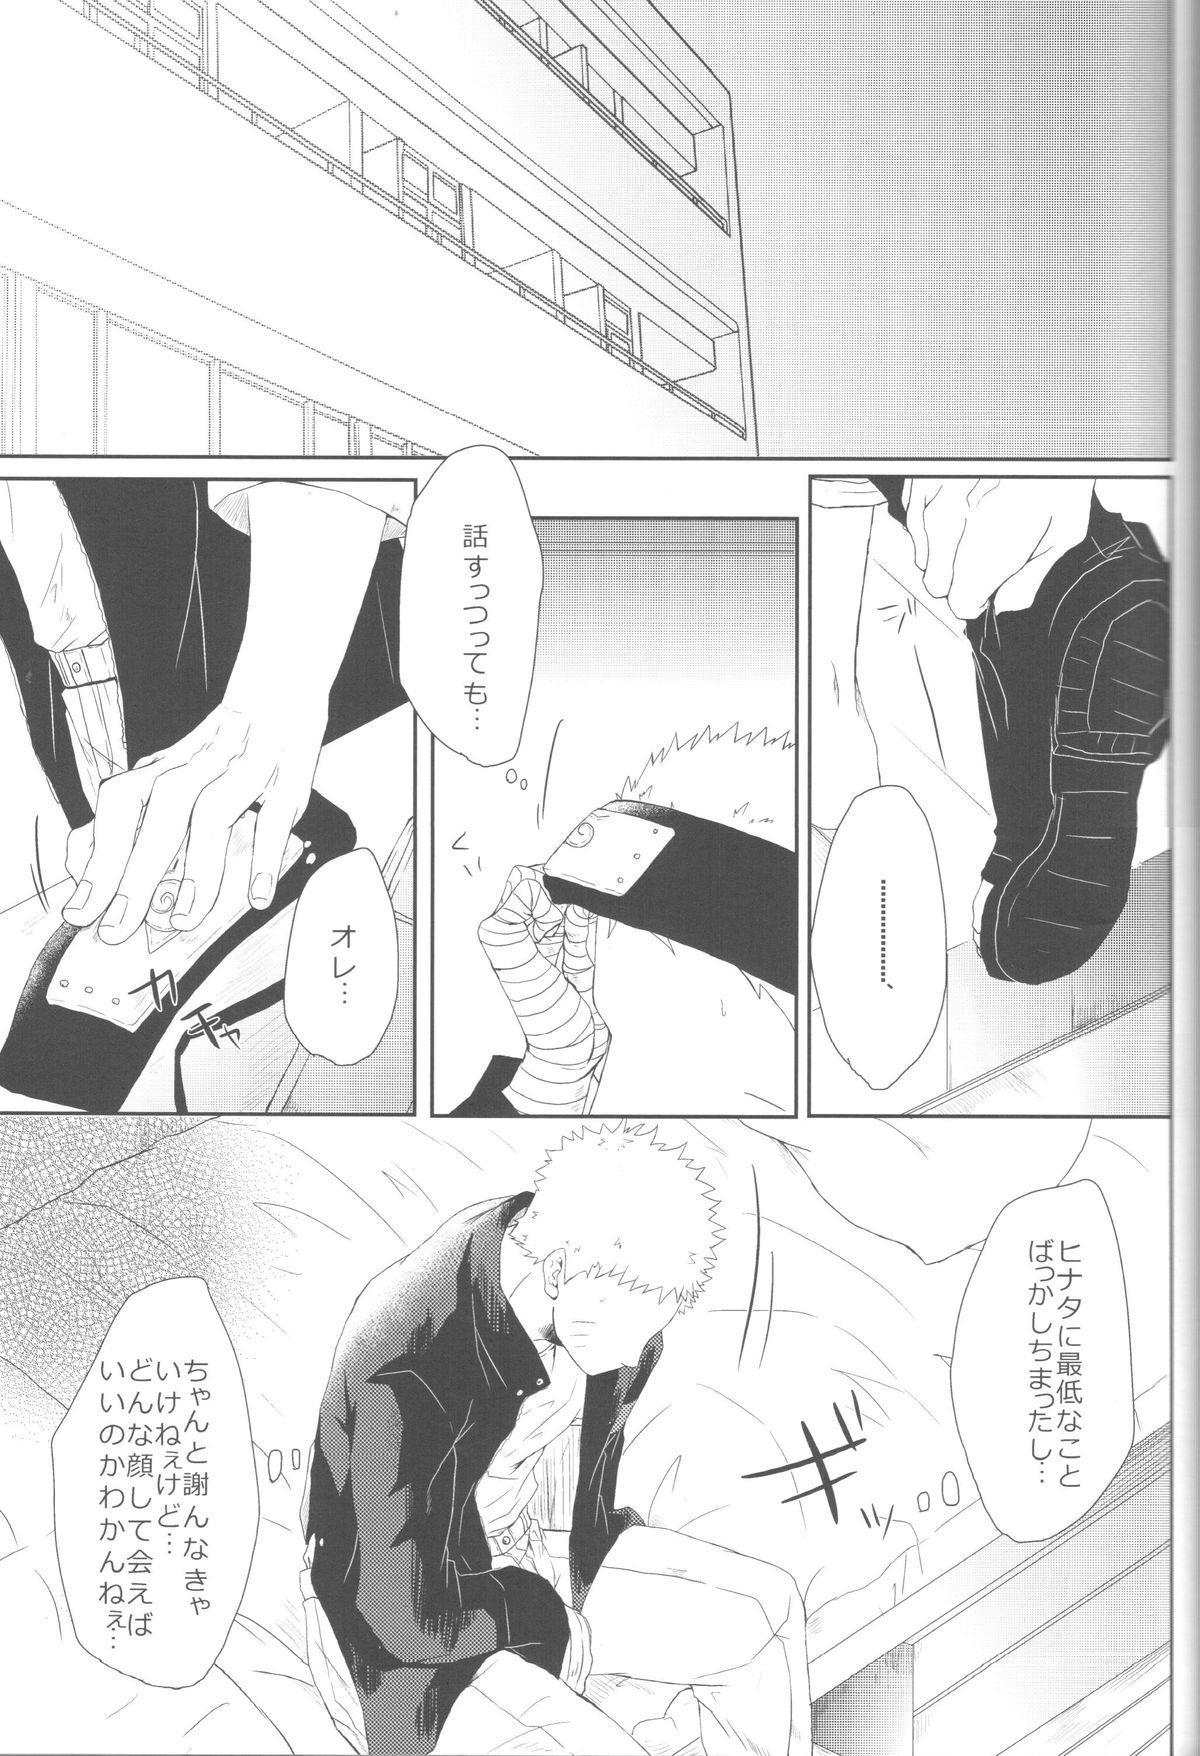 Watashi No Hajimete 35